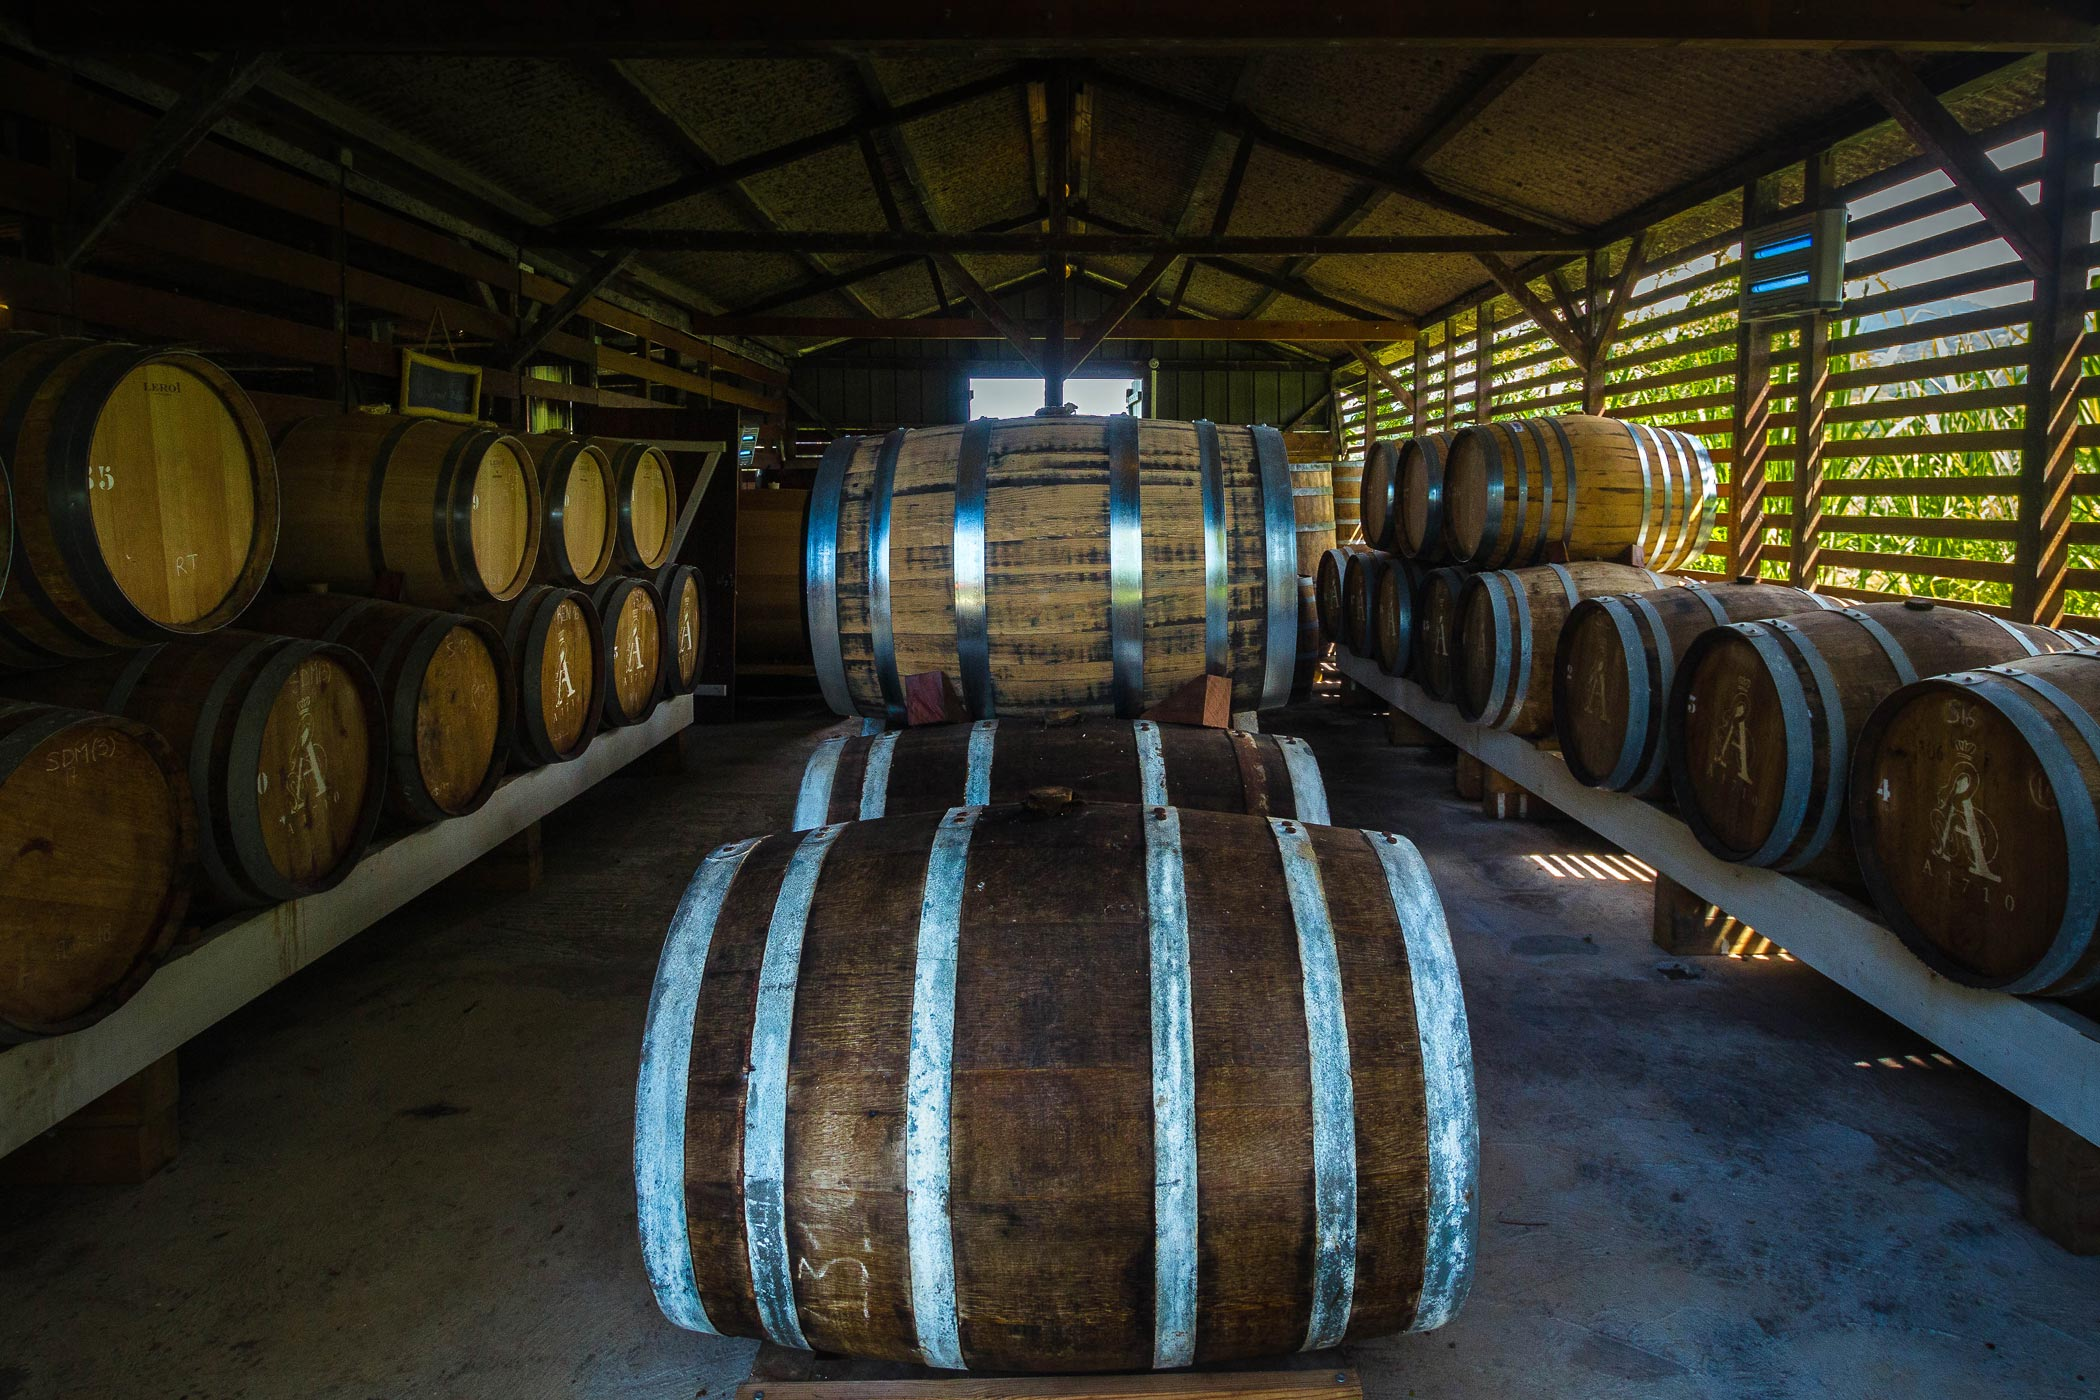 martinique, habitation du simon : chai de futs de rhum